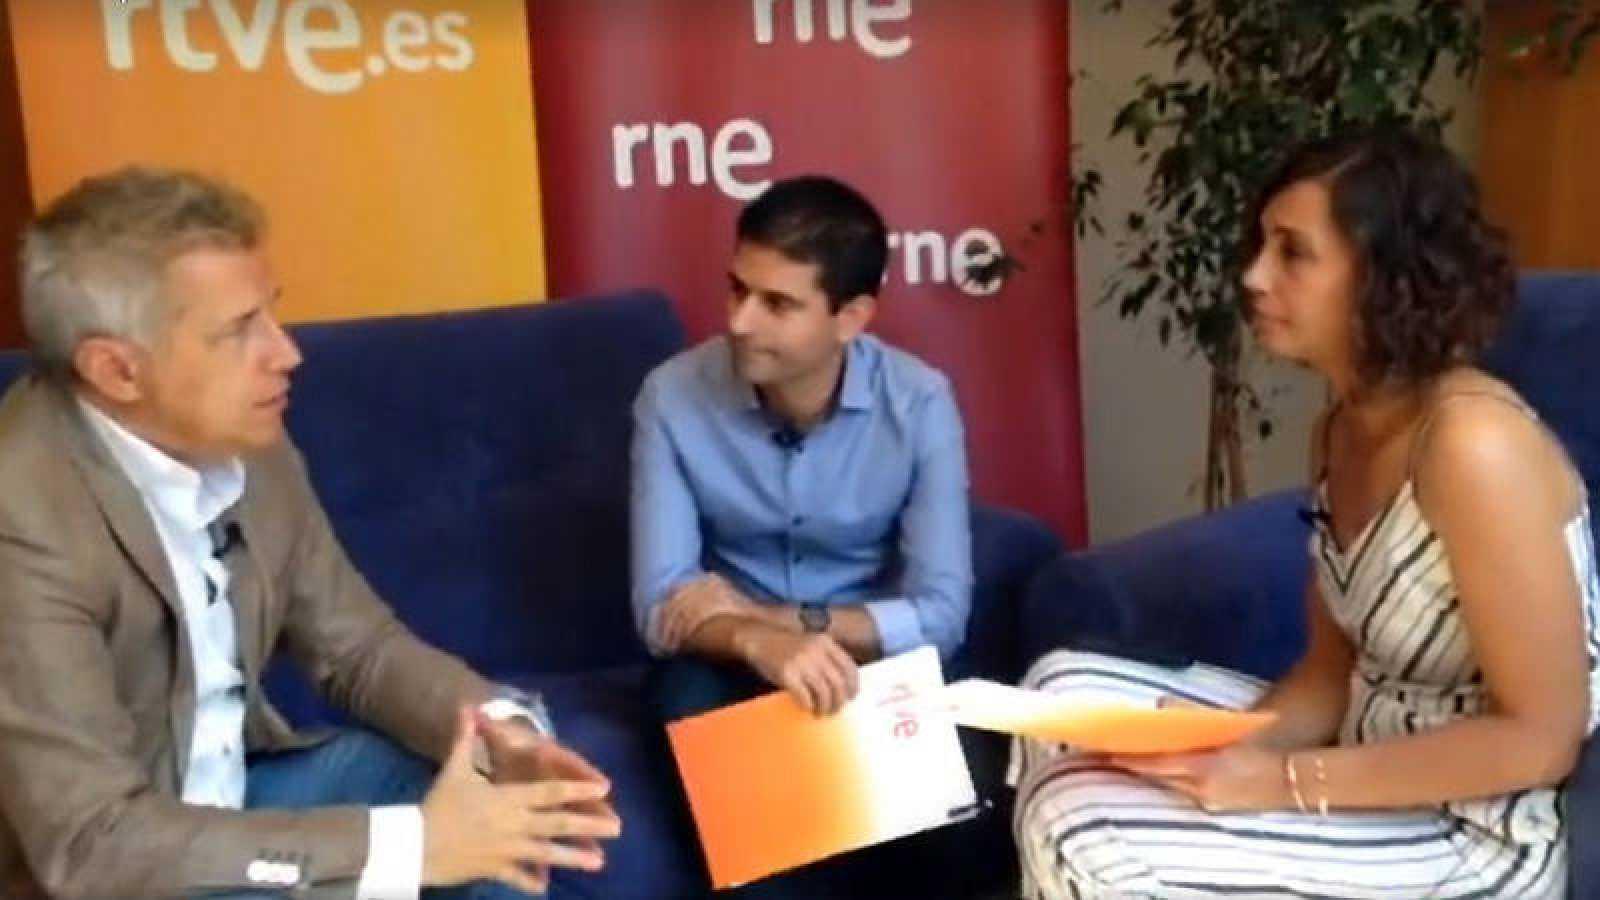 Ignacio Elguero, Rubén Vidal y Raquel Martín Alonso, en un momento del videoencuentro.